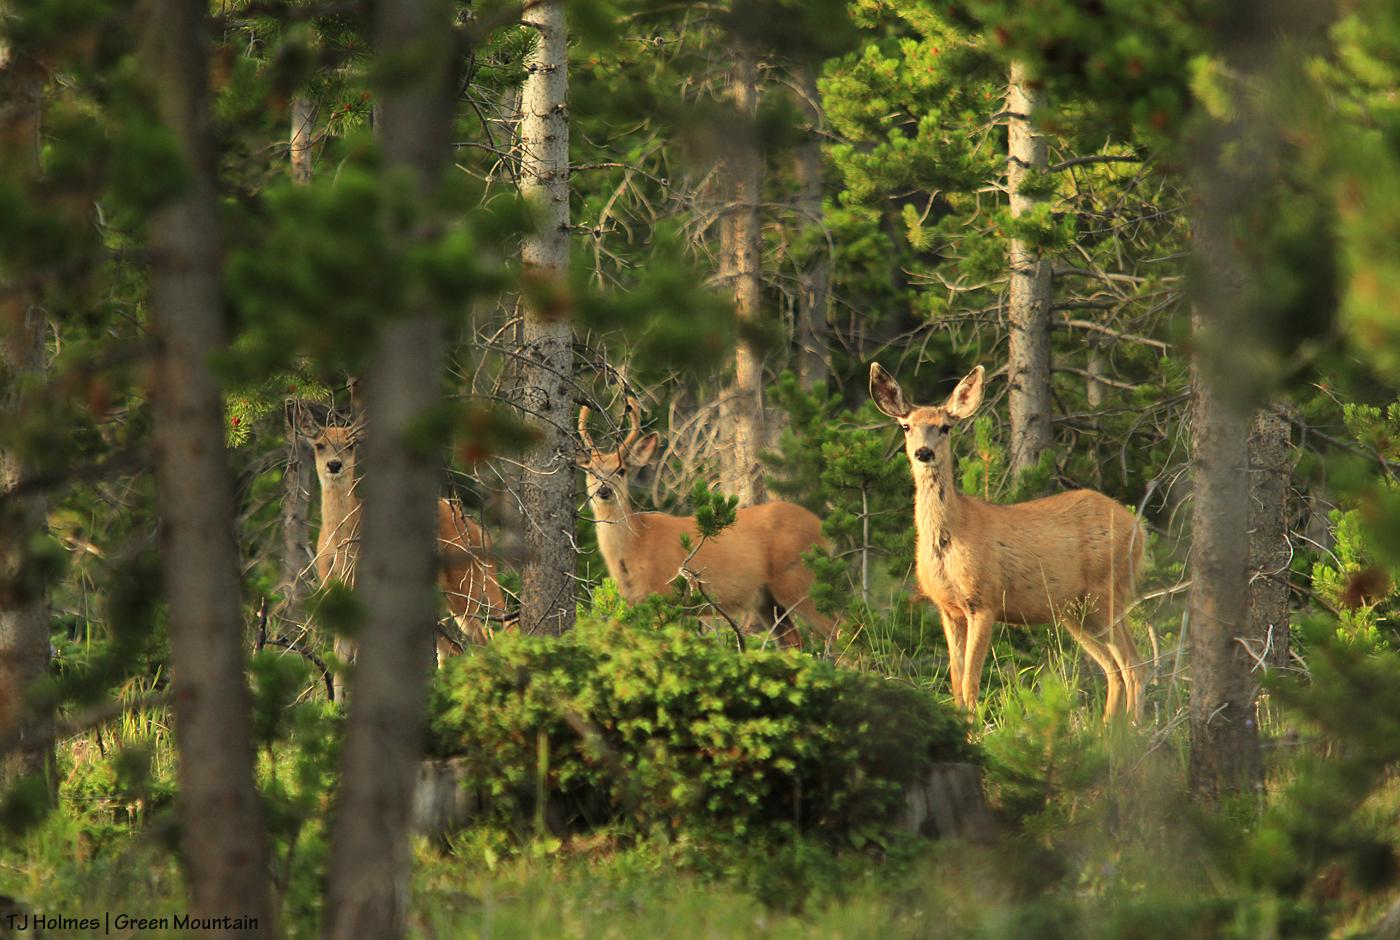 Mule deer on Green Mountain, Wyoming.